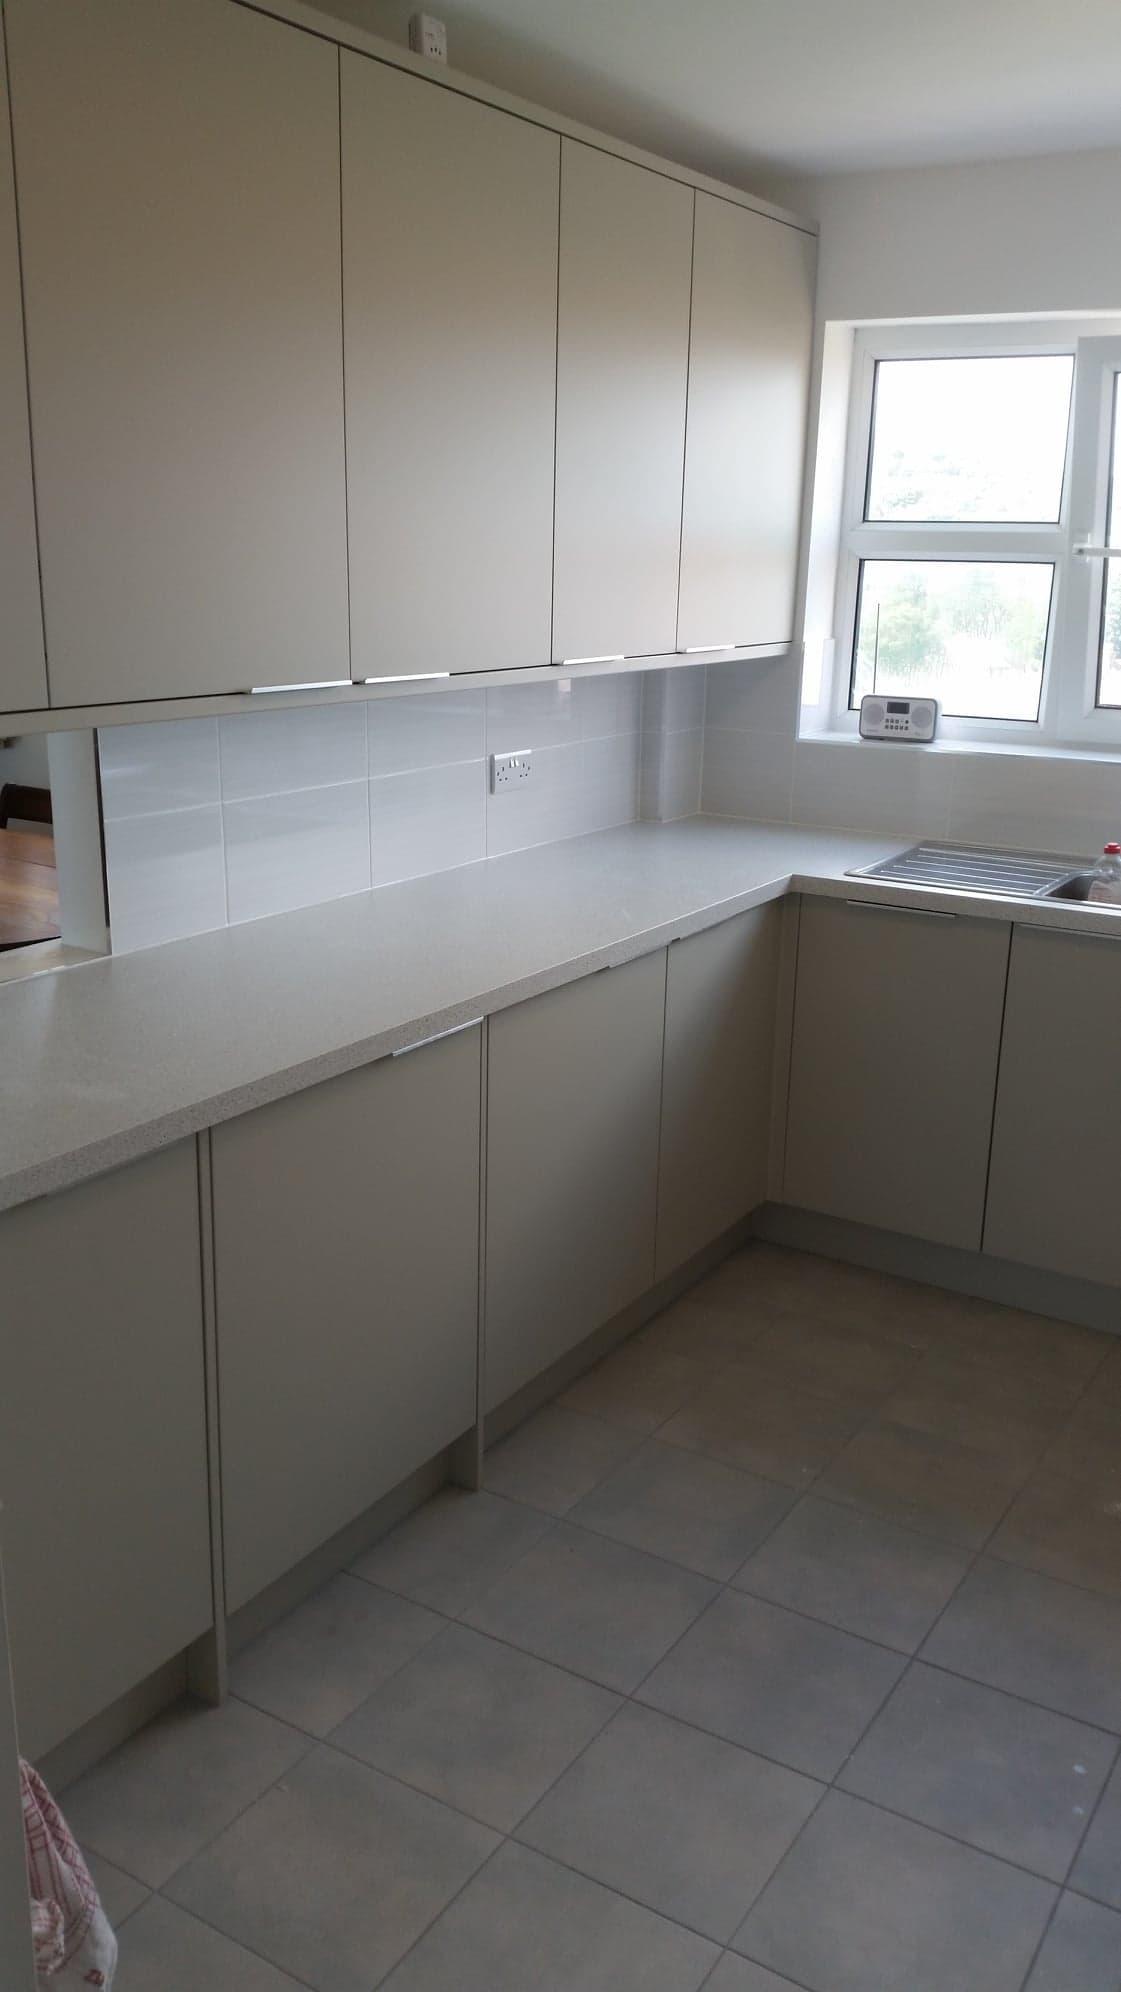 eastbourne-kitchen-installation-affordable